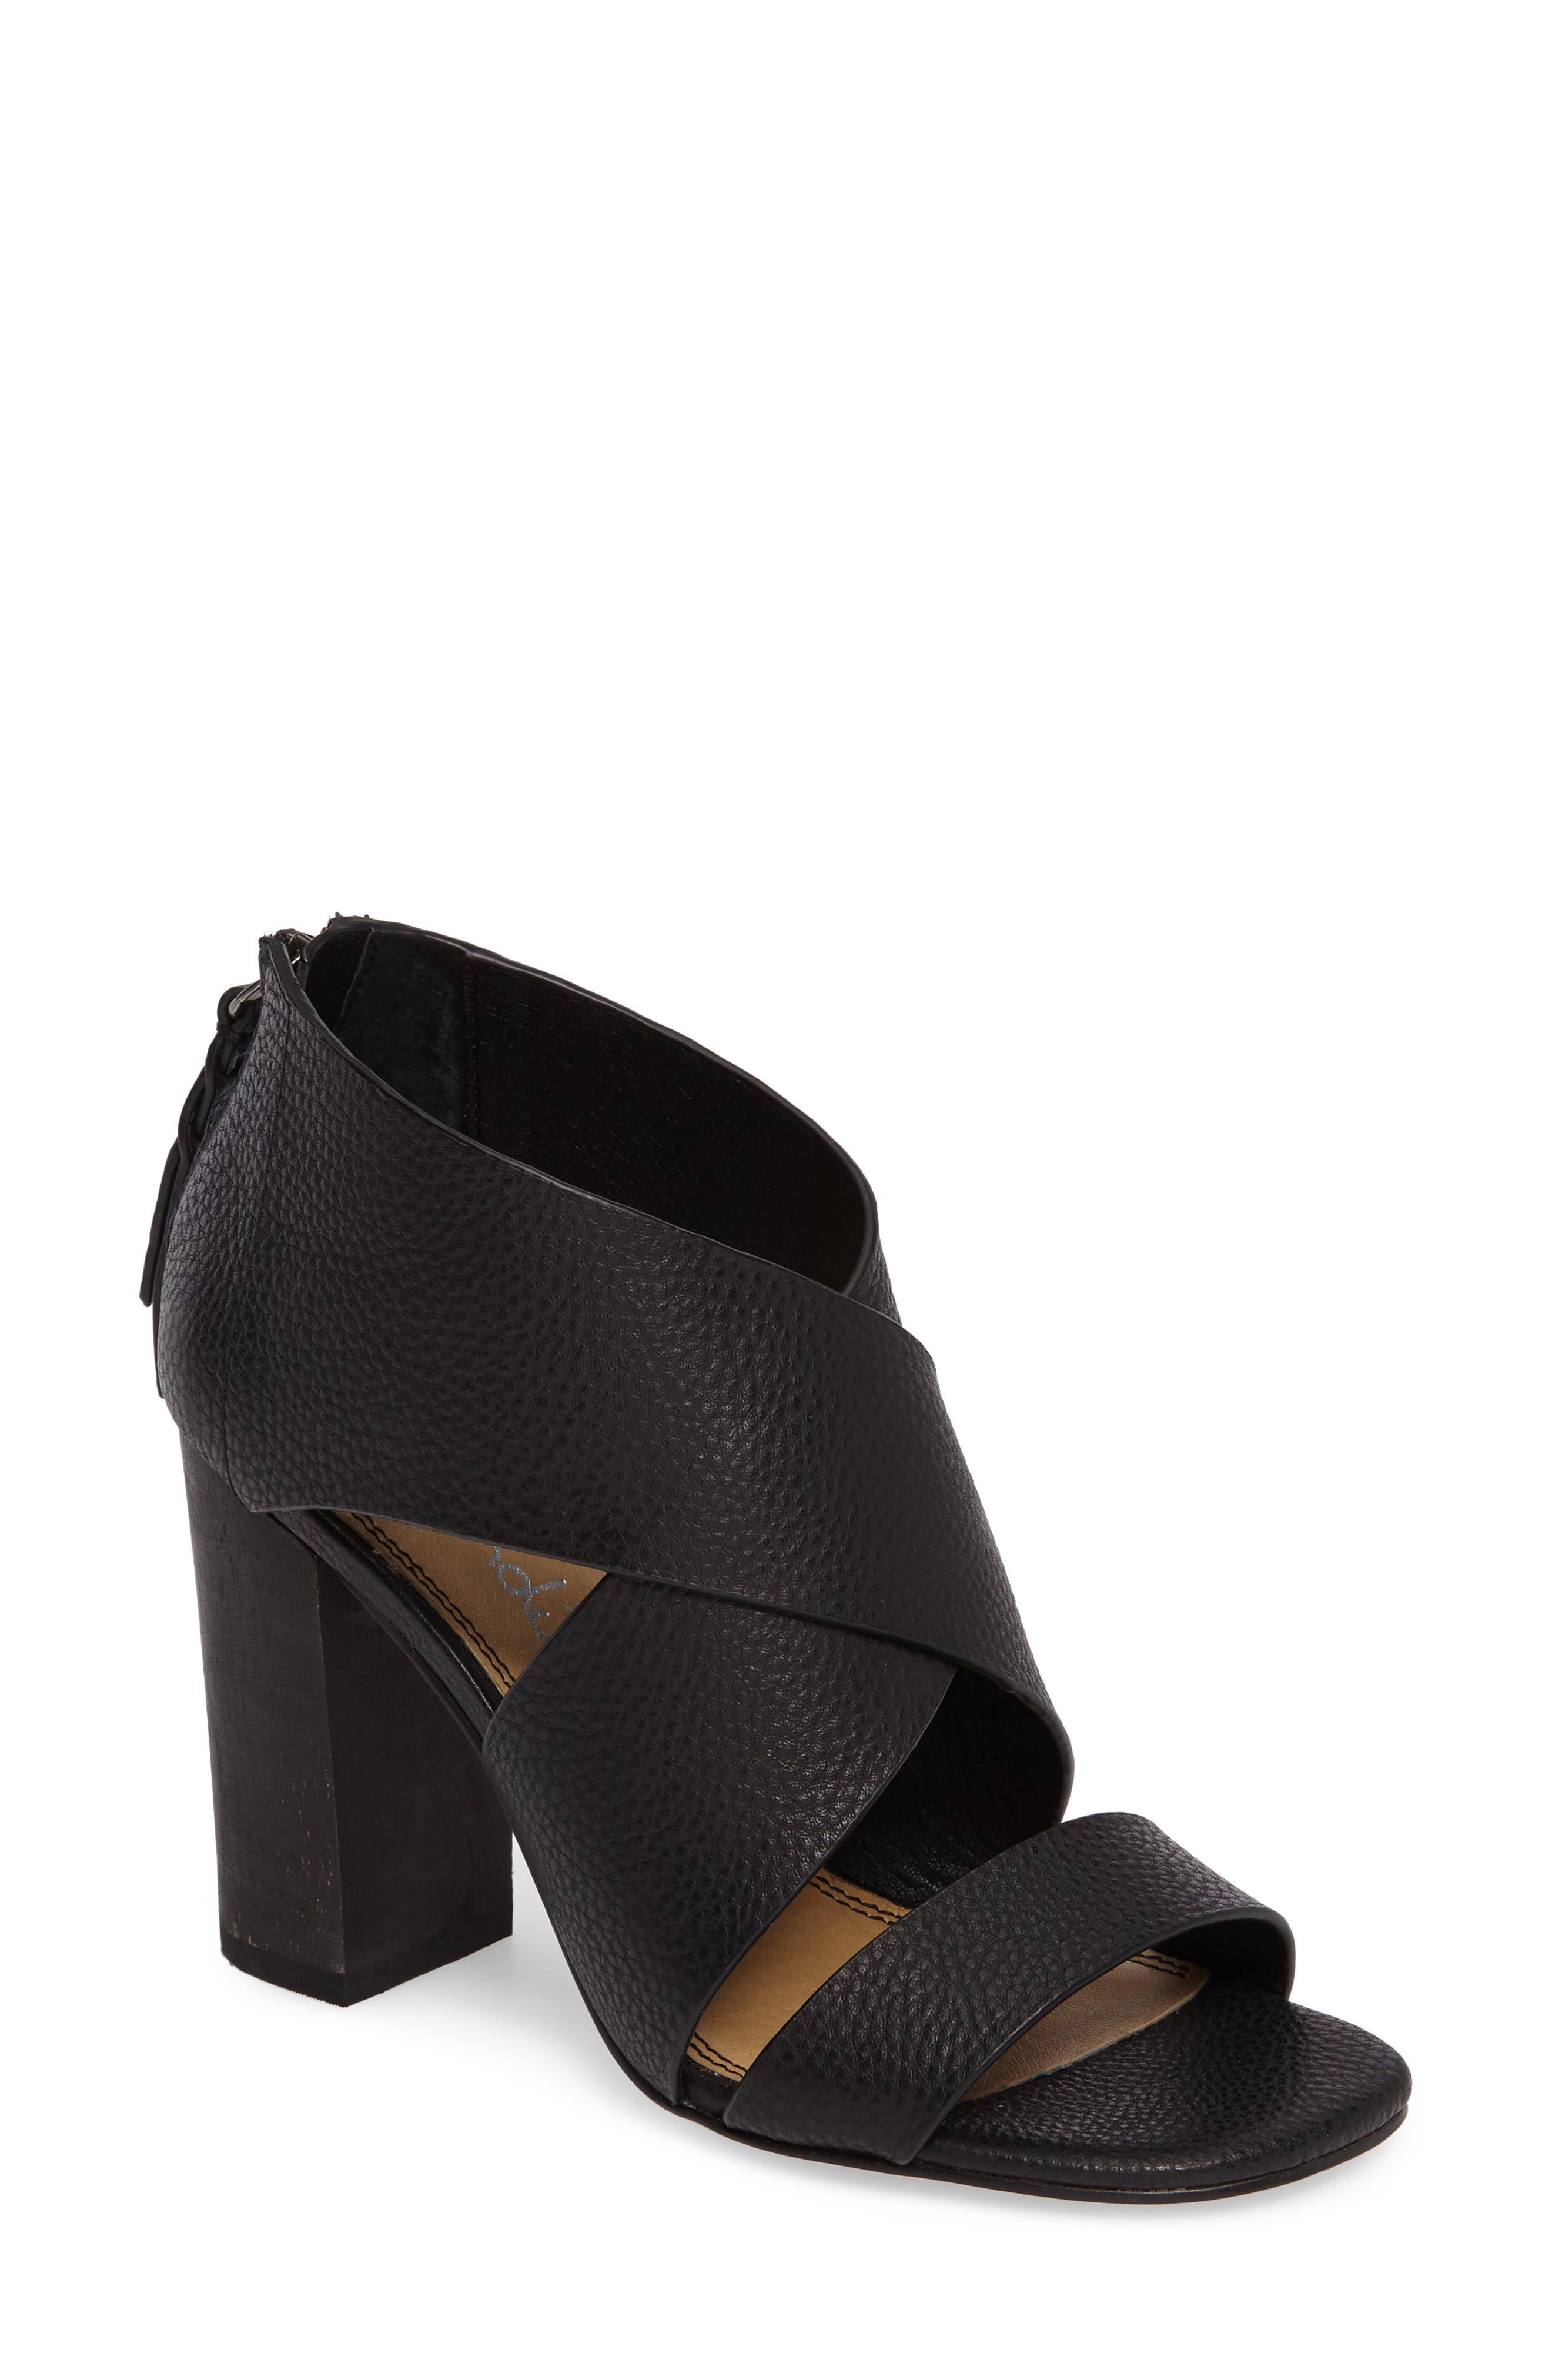 Danett Cross Strap Sandal,                         Main,                         color, Black Leather